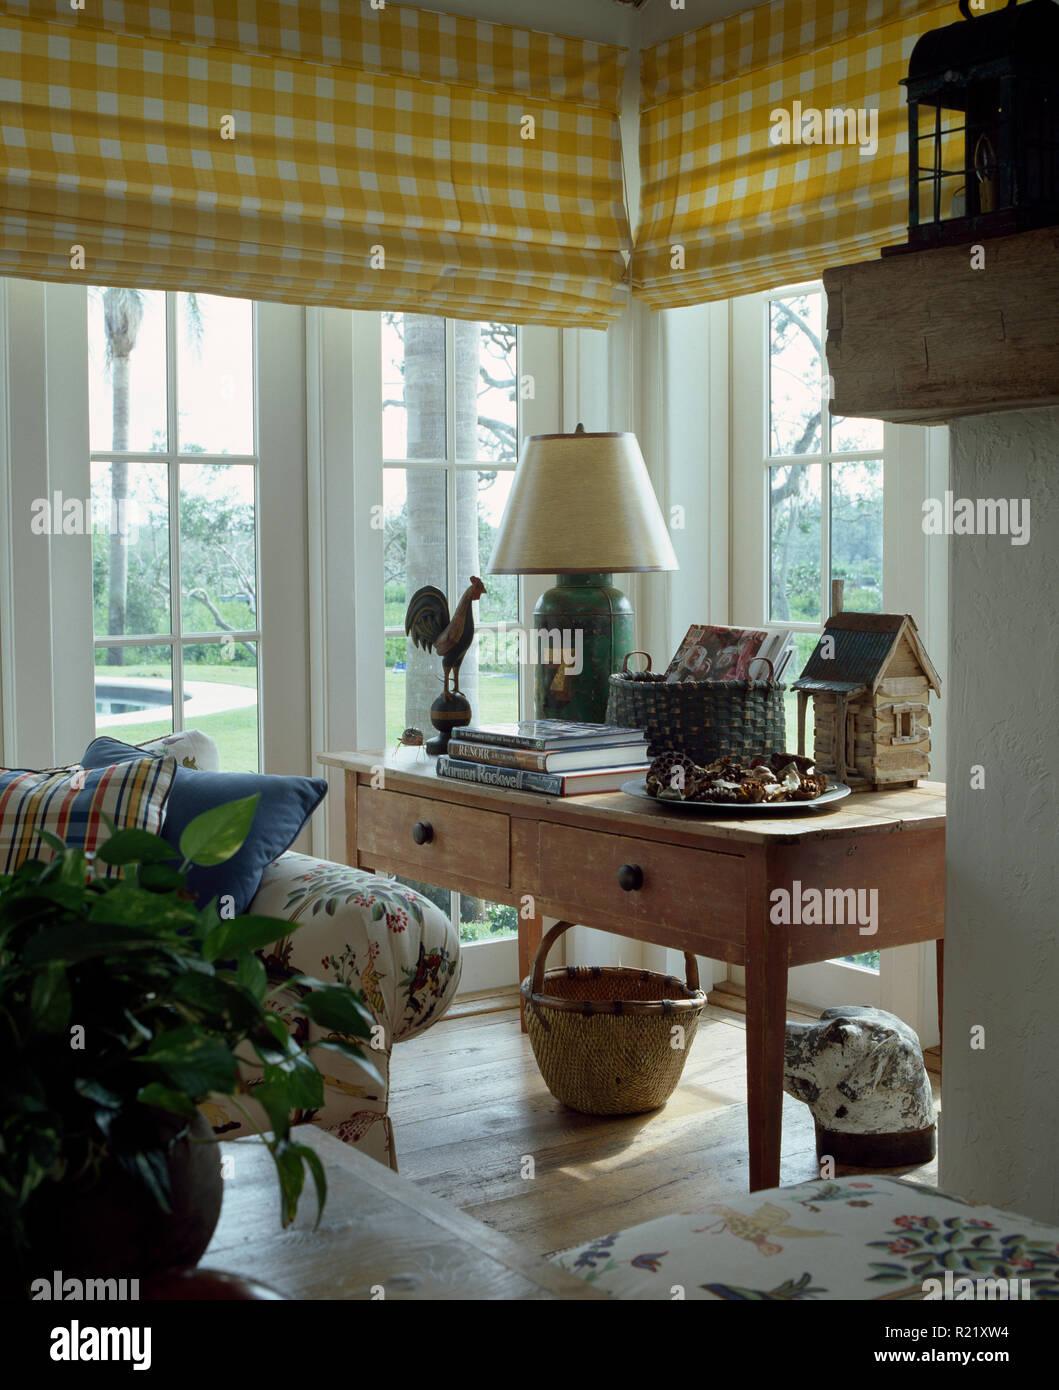 Gelb + weiß karierten Jalousien auf Wohnzimmer windows Stockfoto ...